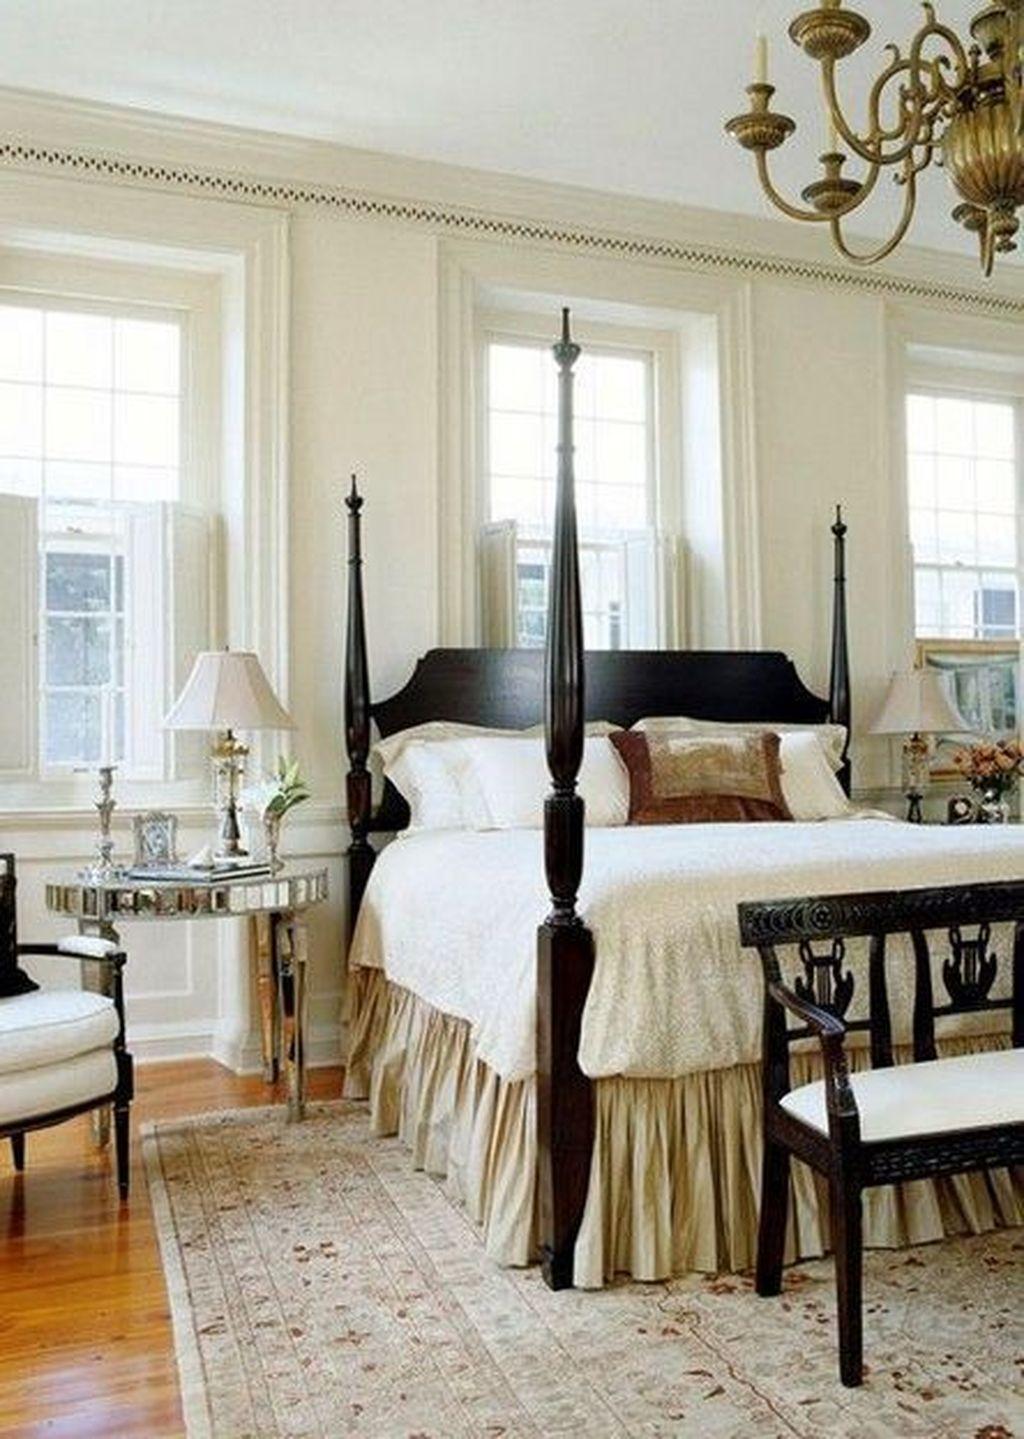 Inspiring Traditional Bedroom Decor Ideas 01